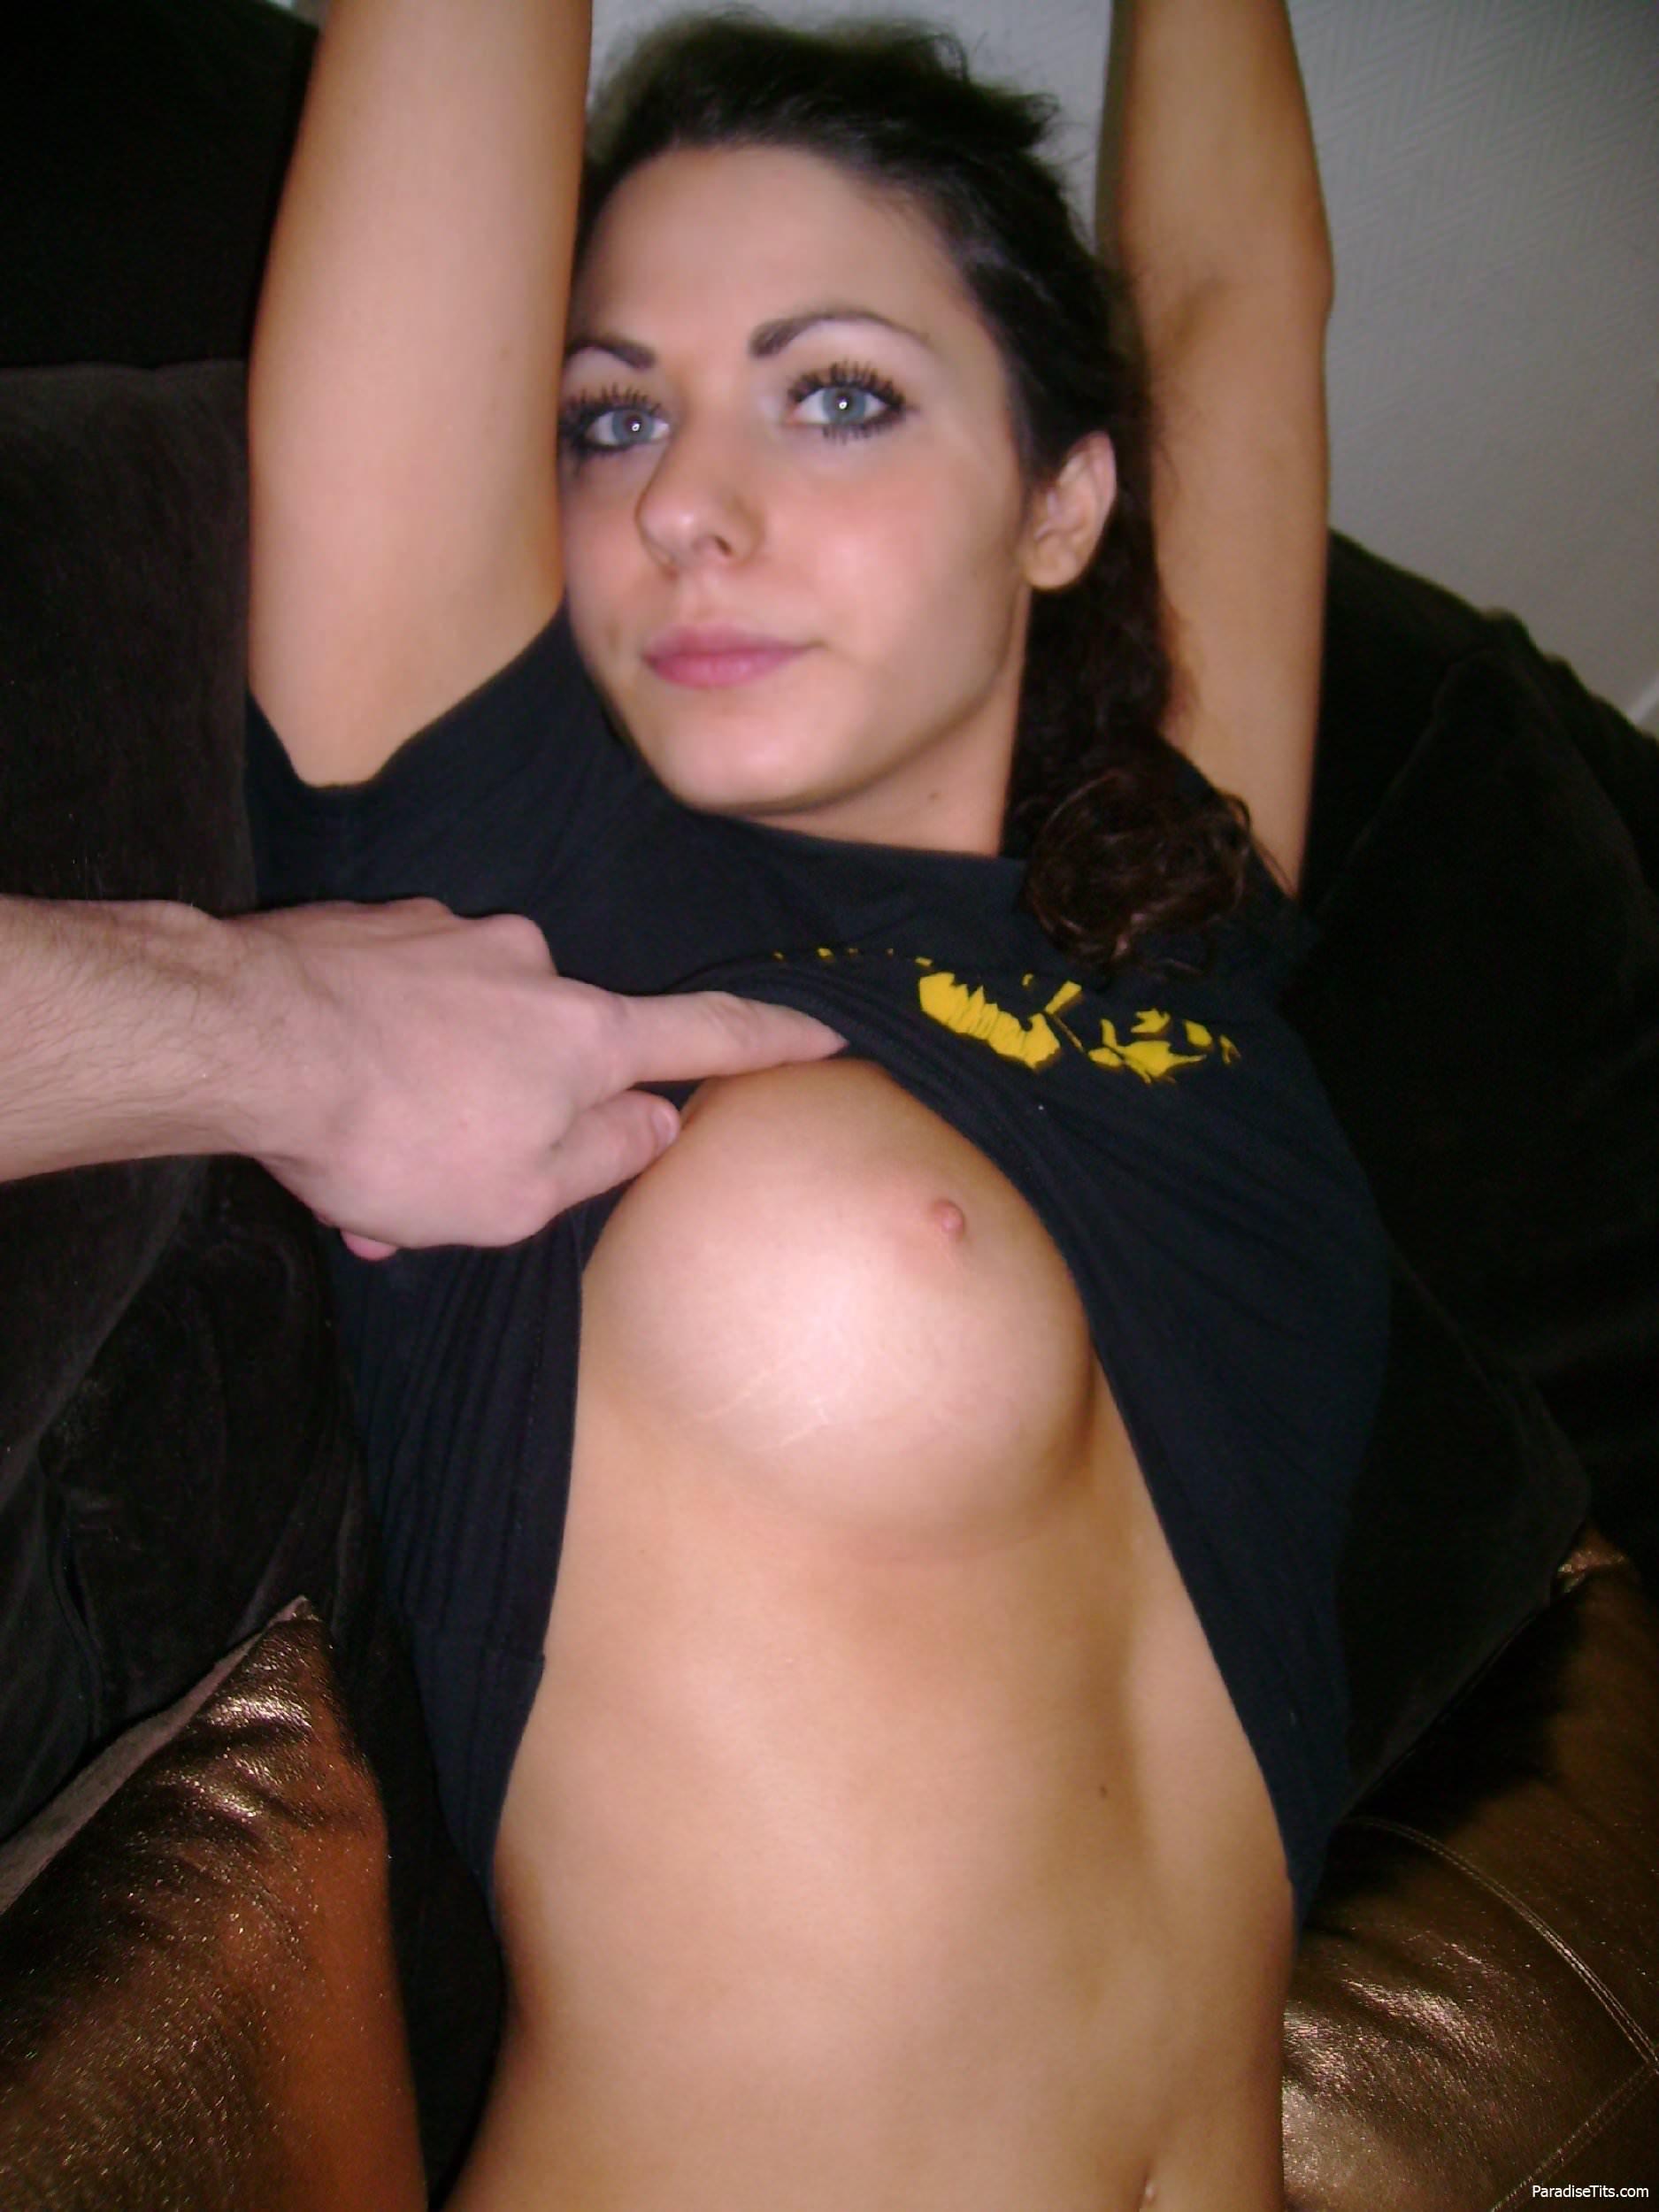 порно фото лизать сперму